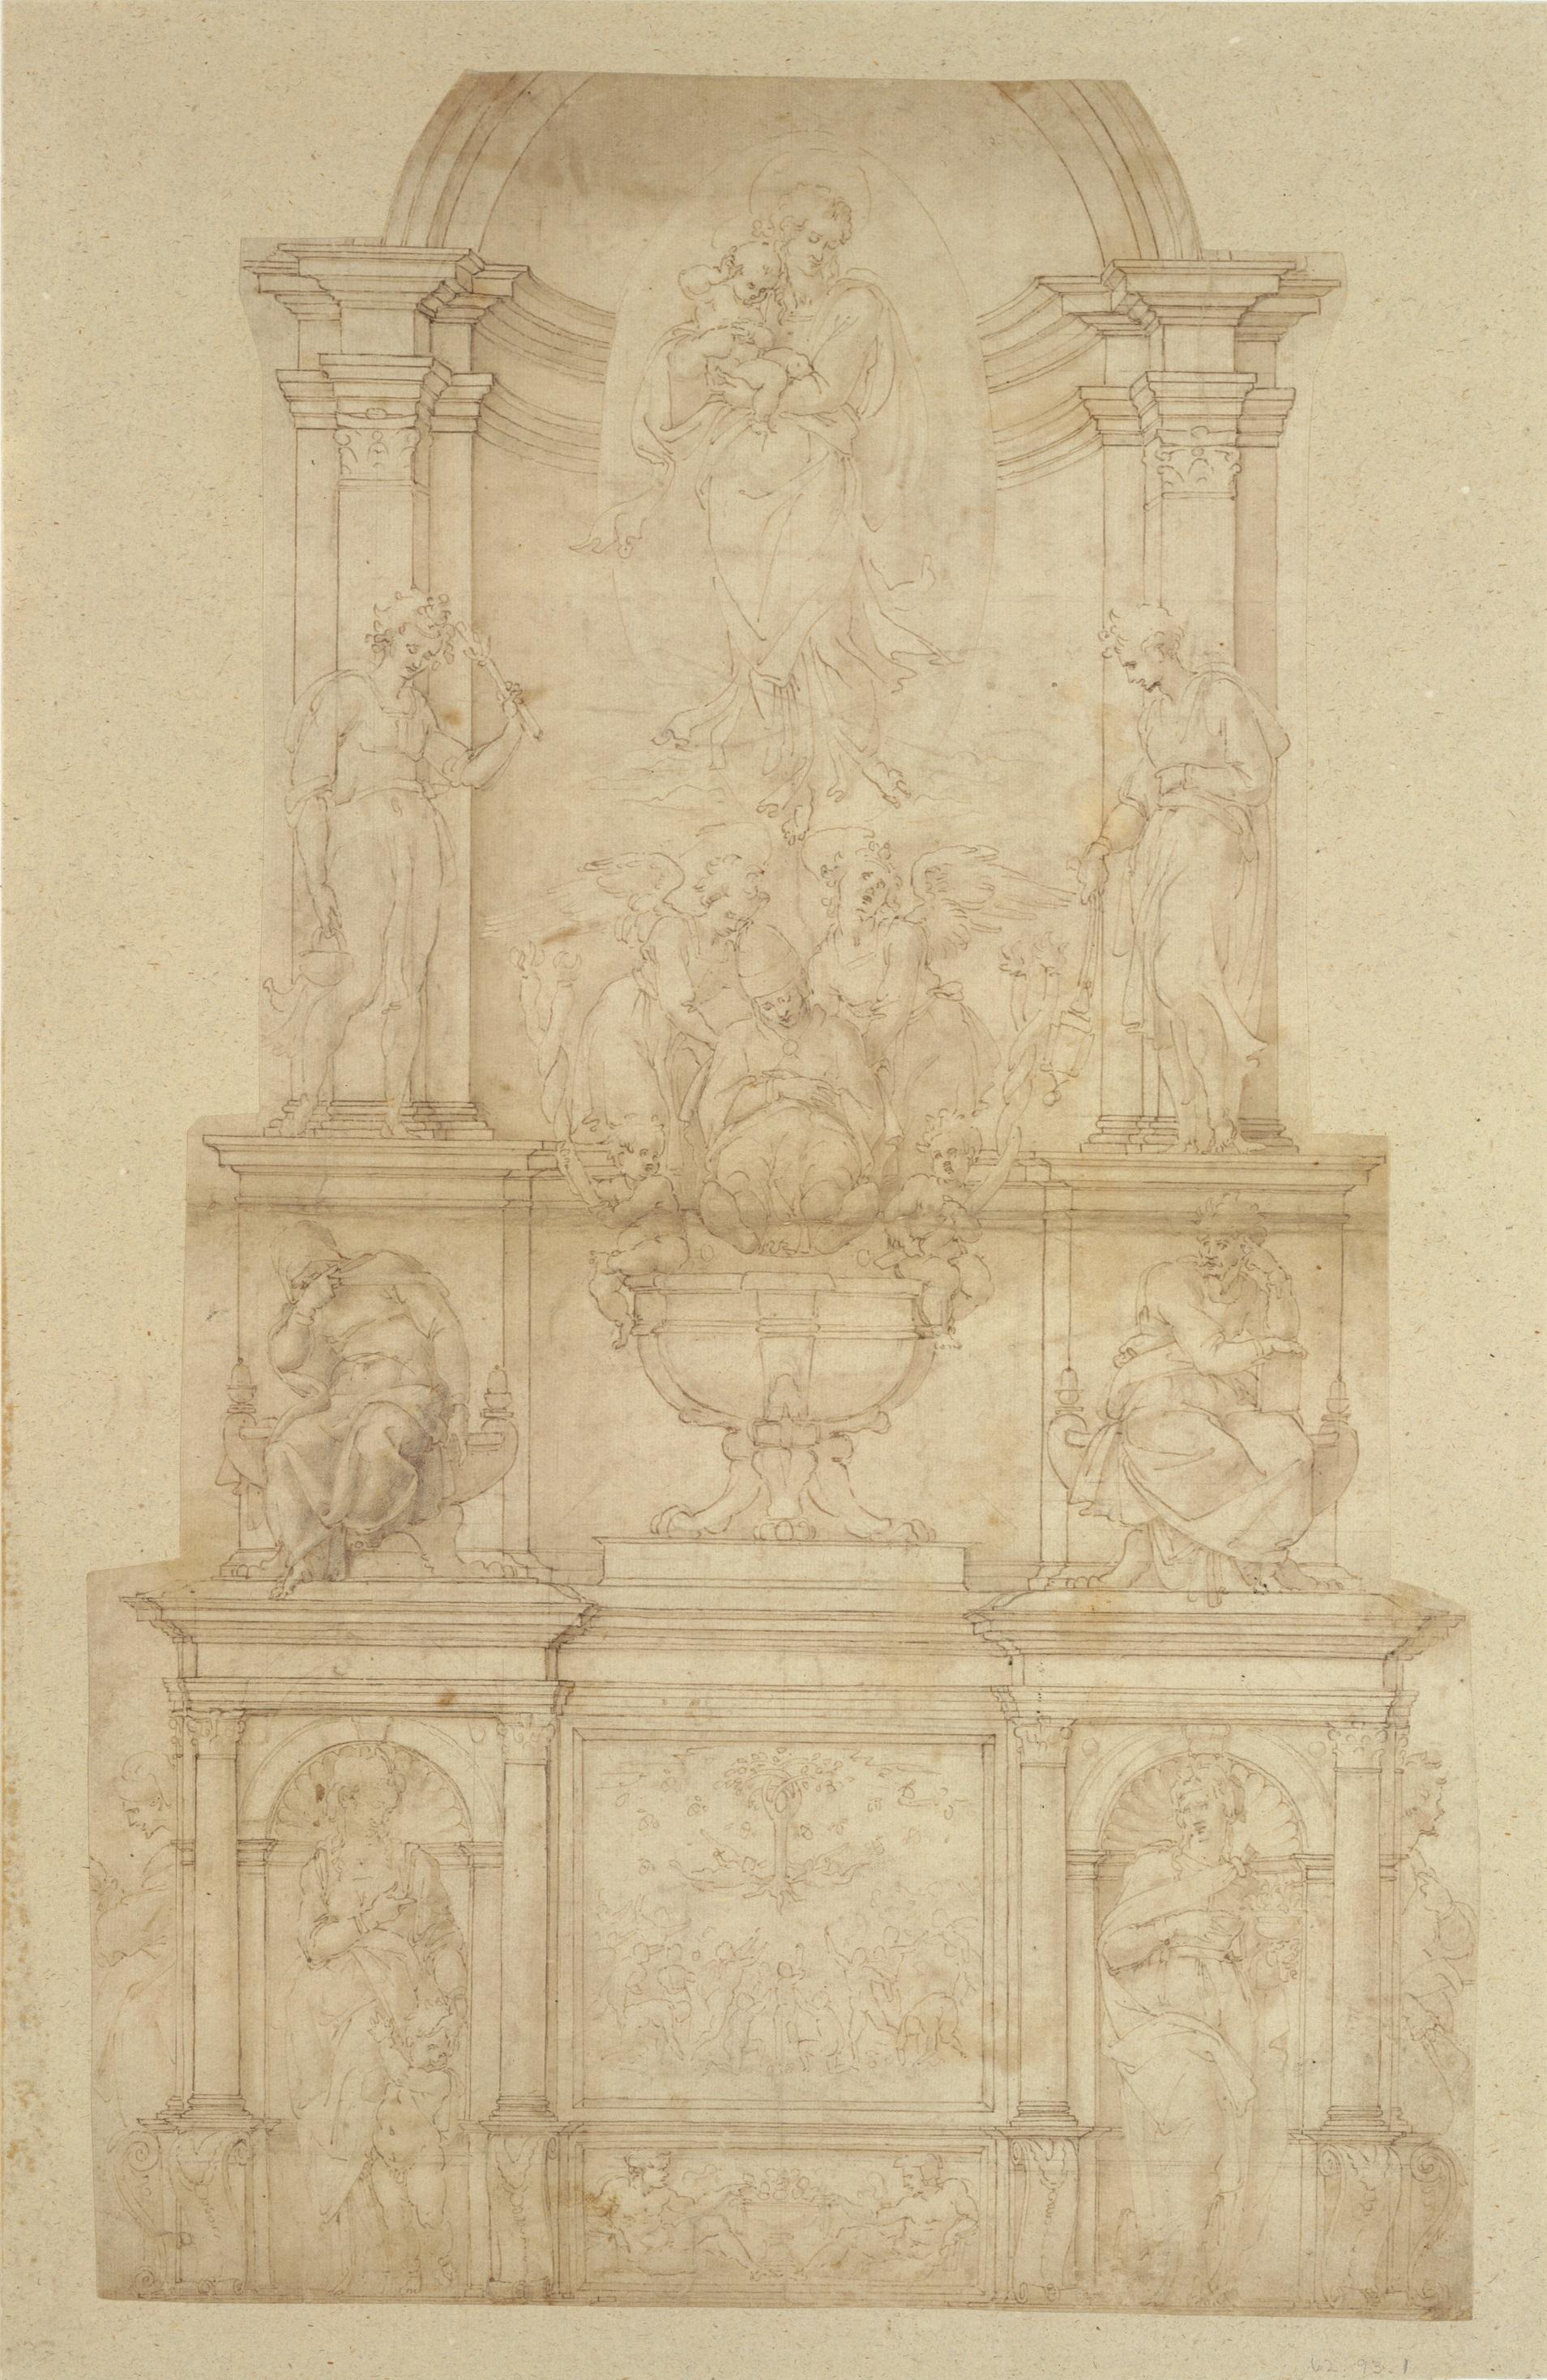 5. Michelangelo_Design for the Tomb of Pope Julius II della Rovere_MMA